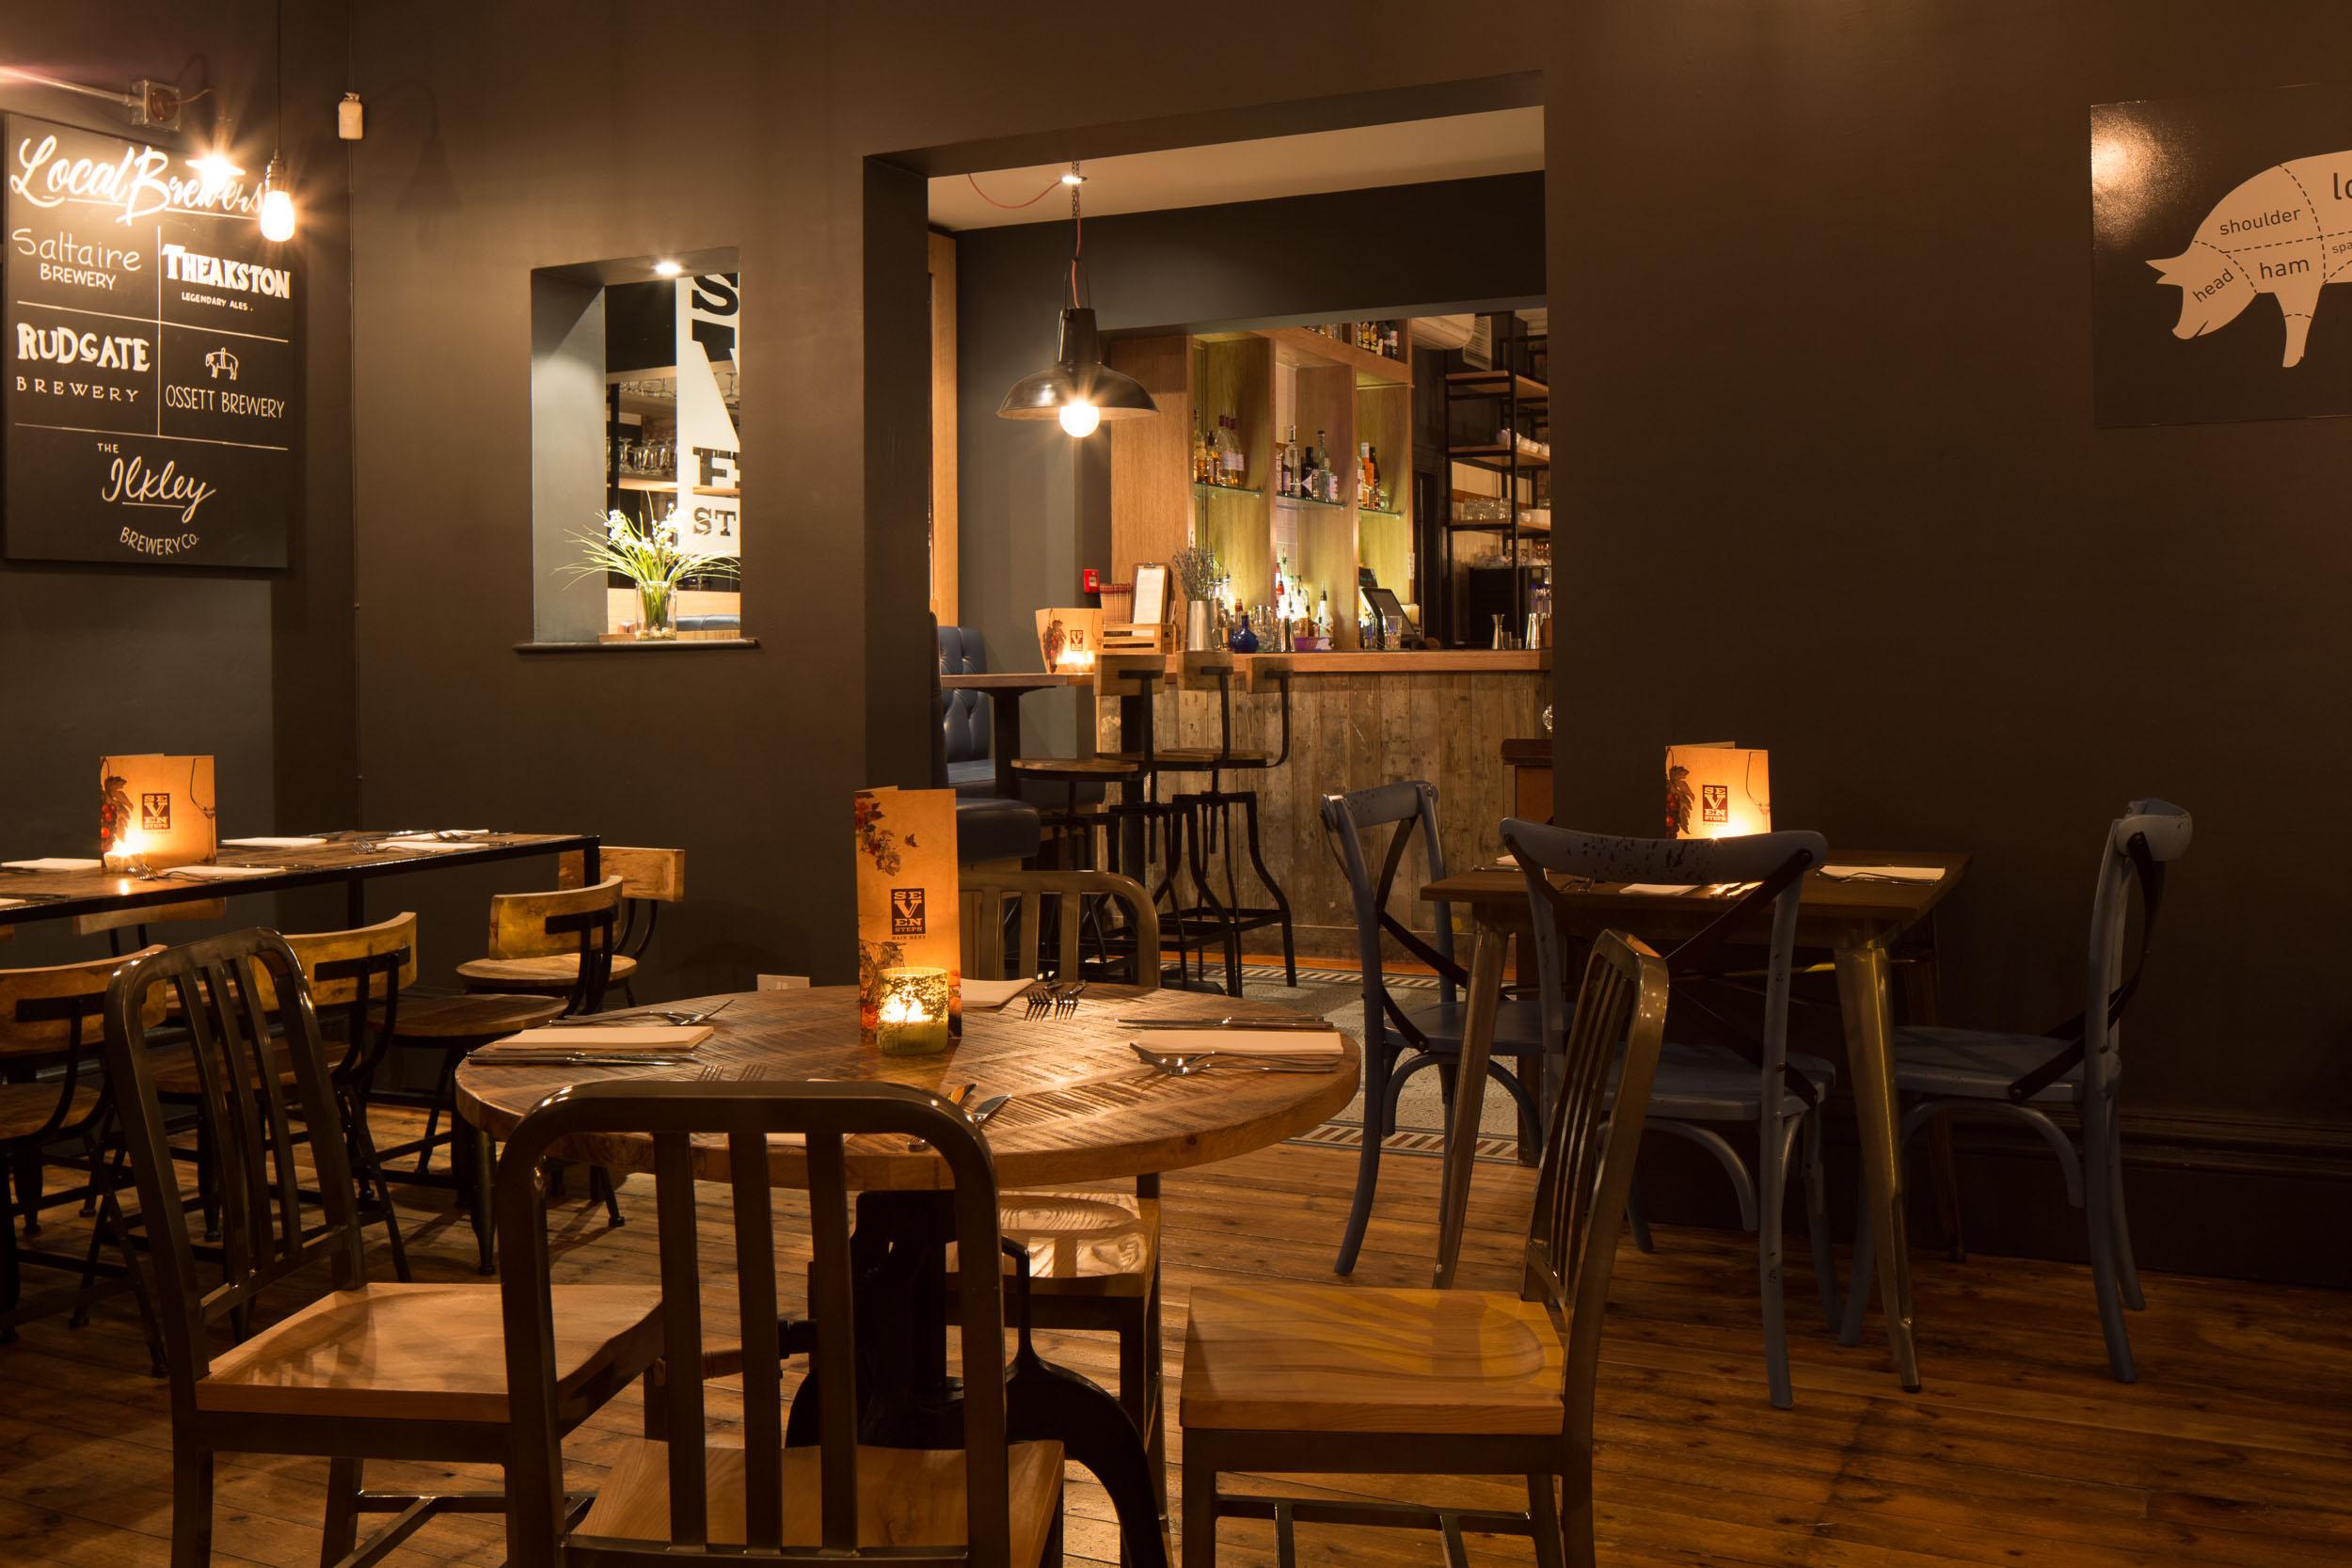 7 steps bar restaurant dining area before.jpg